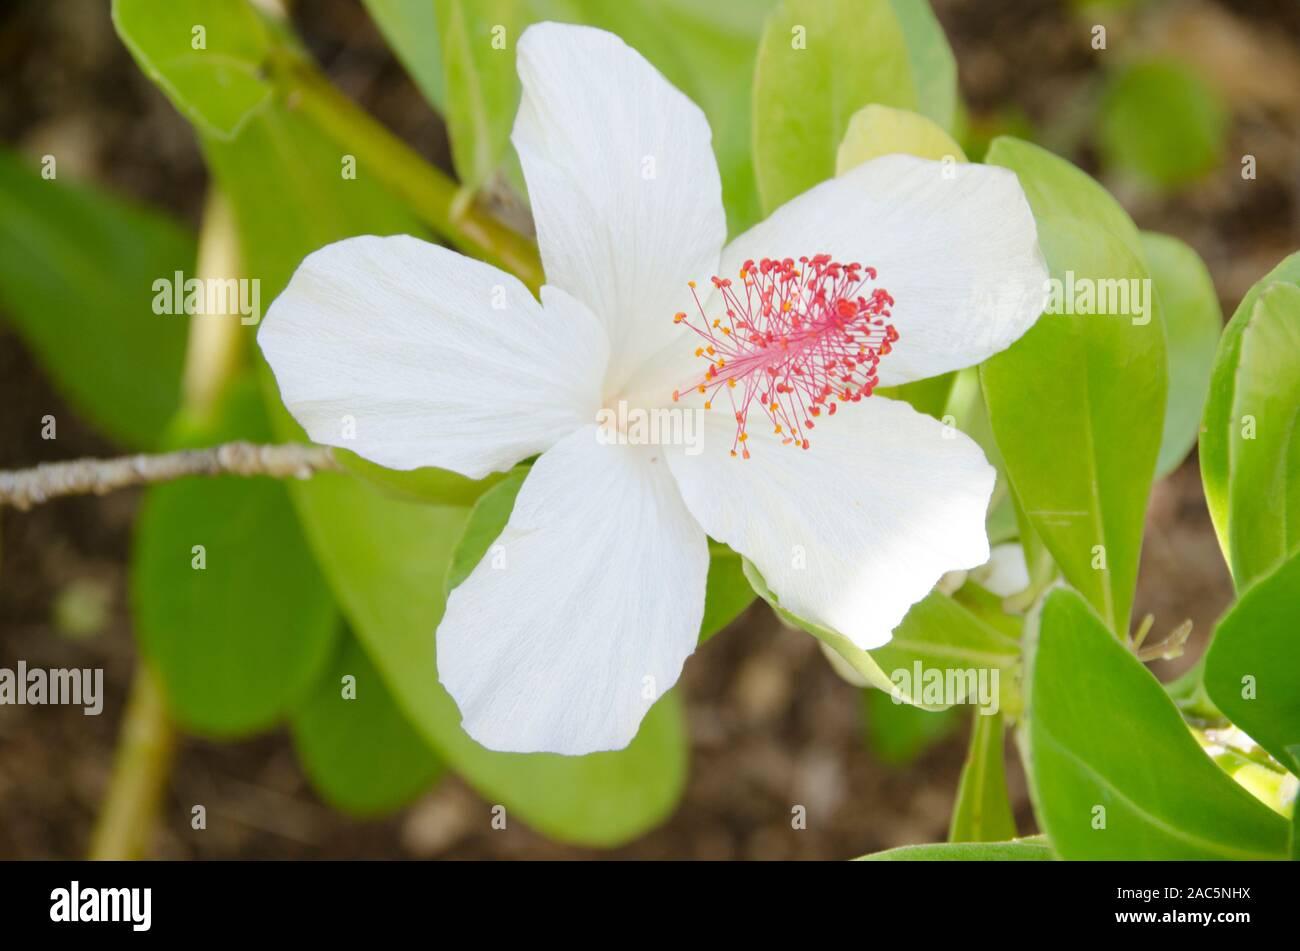 Los nativos de Hawai koki'o'o ke ke'o es el blanco hibiscus encontrados en O'ahu y Moloka'i. También es conocido como pua aloalo en hawaiano. Foto de stock